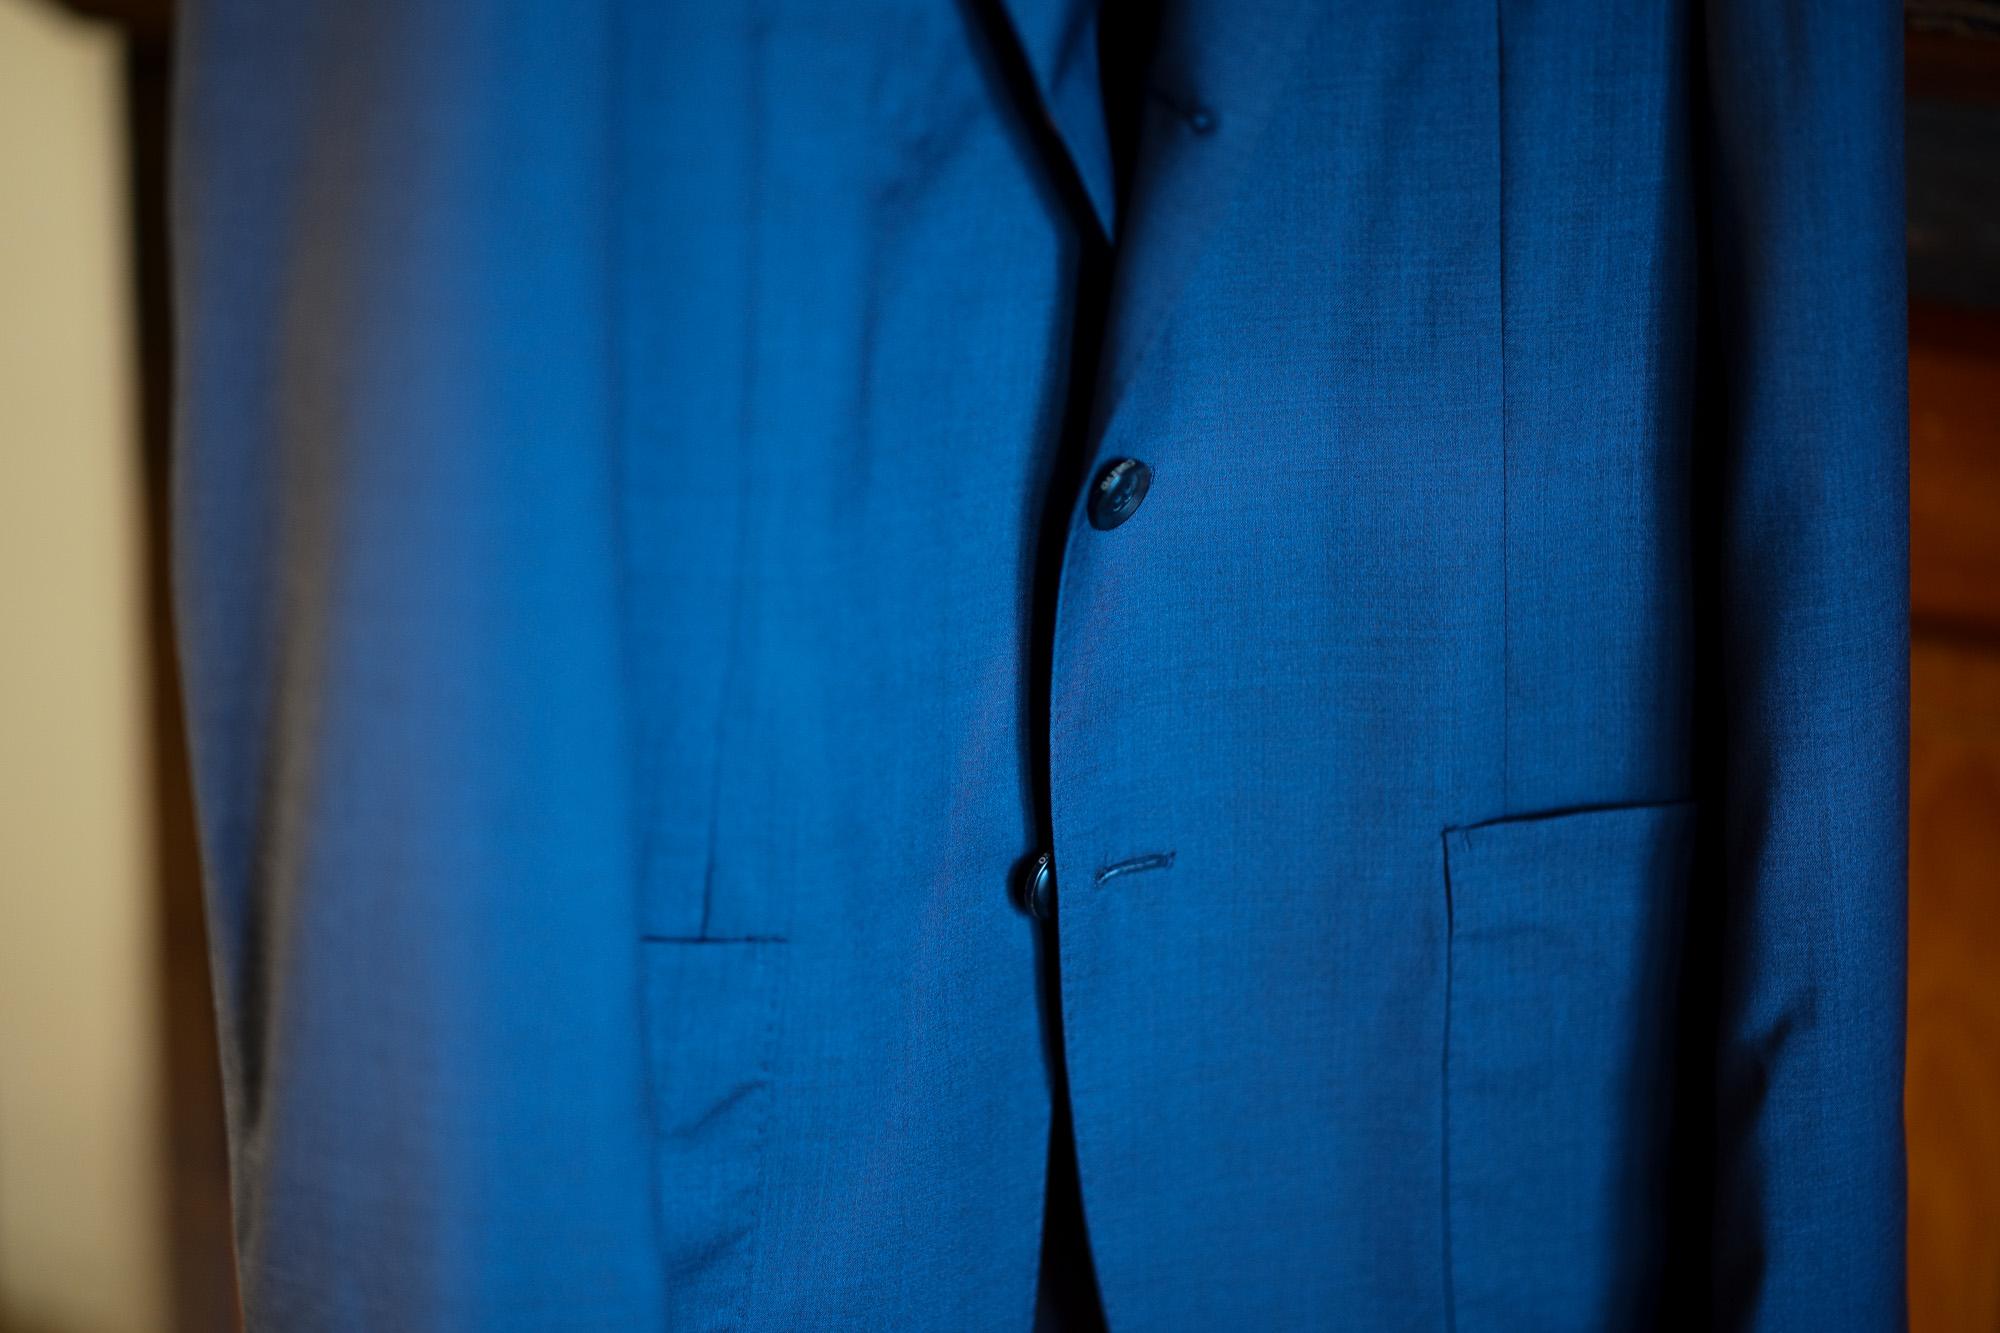 cuervo bopoha (クエルボ ヴァローナ) Sartoria Collection (サルトリア コレクション) Lobb (ロブ) Summer Wool サマーウール ジャケット NAVY (ネイビー) MADE IN JAPAN (日本製) 2021 春夏新作 愛知 名古屋 Alto e Diritto altoediritto アルトエデリット サマージャケット ブラックジャケットネイビージャケット